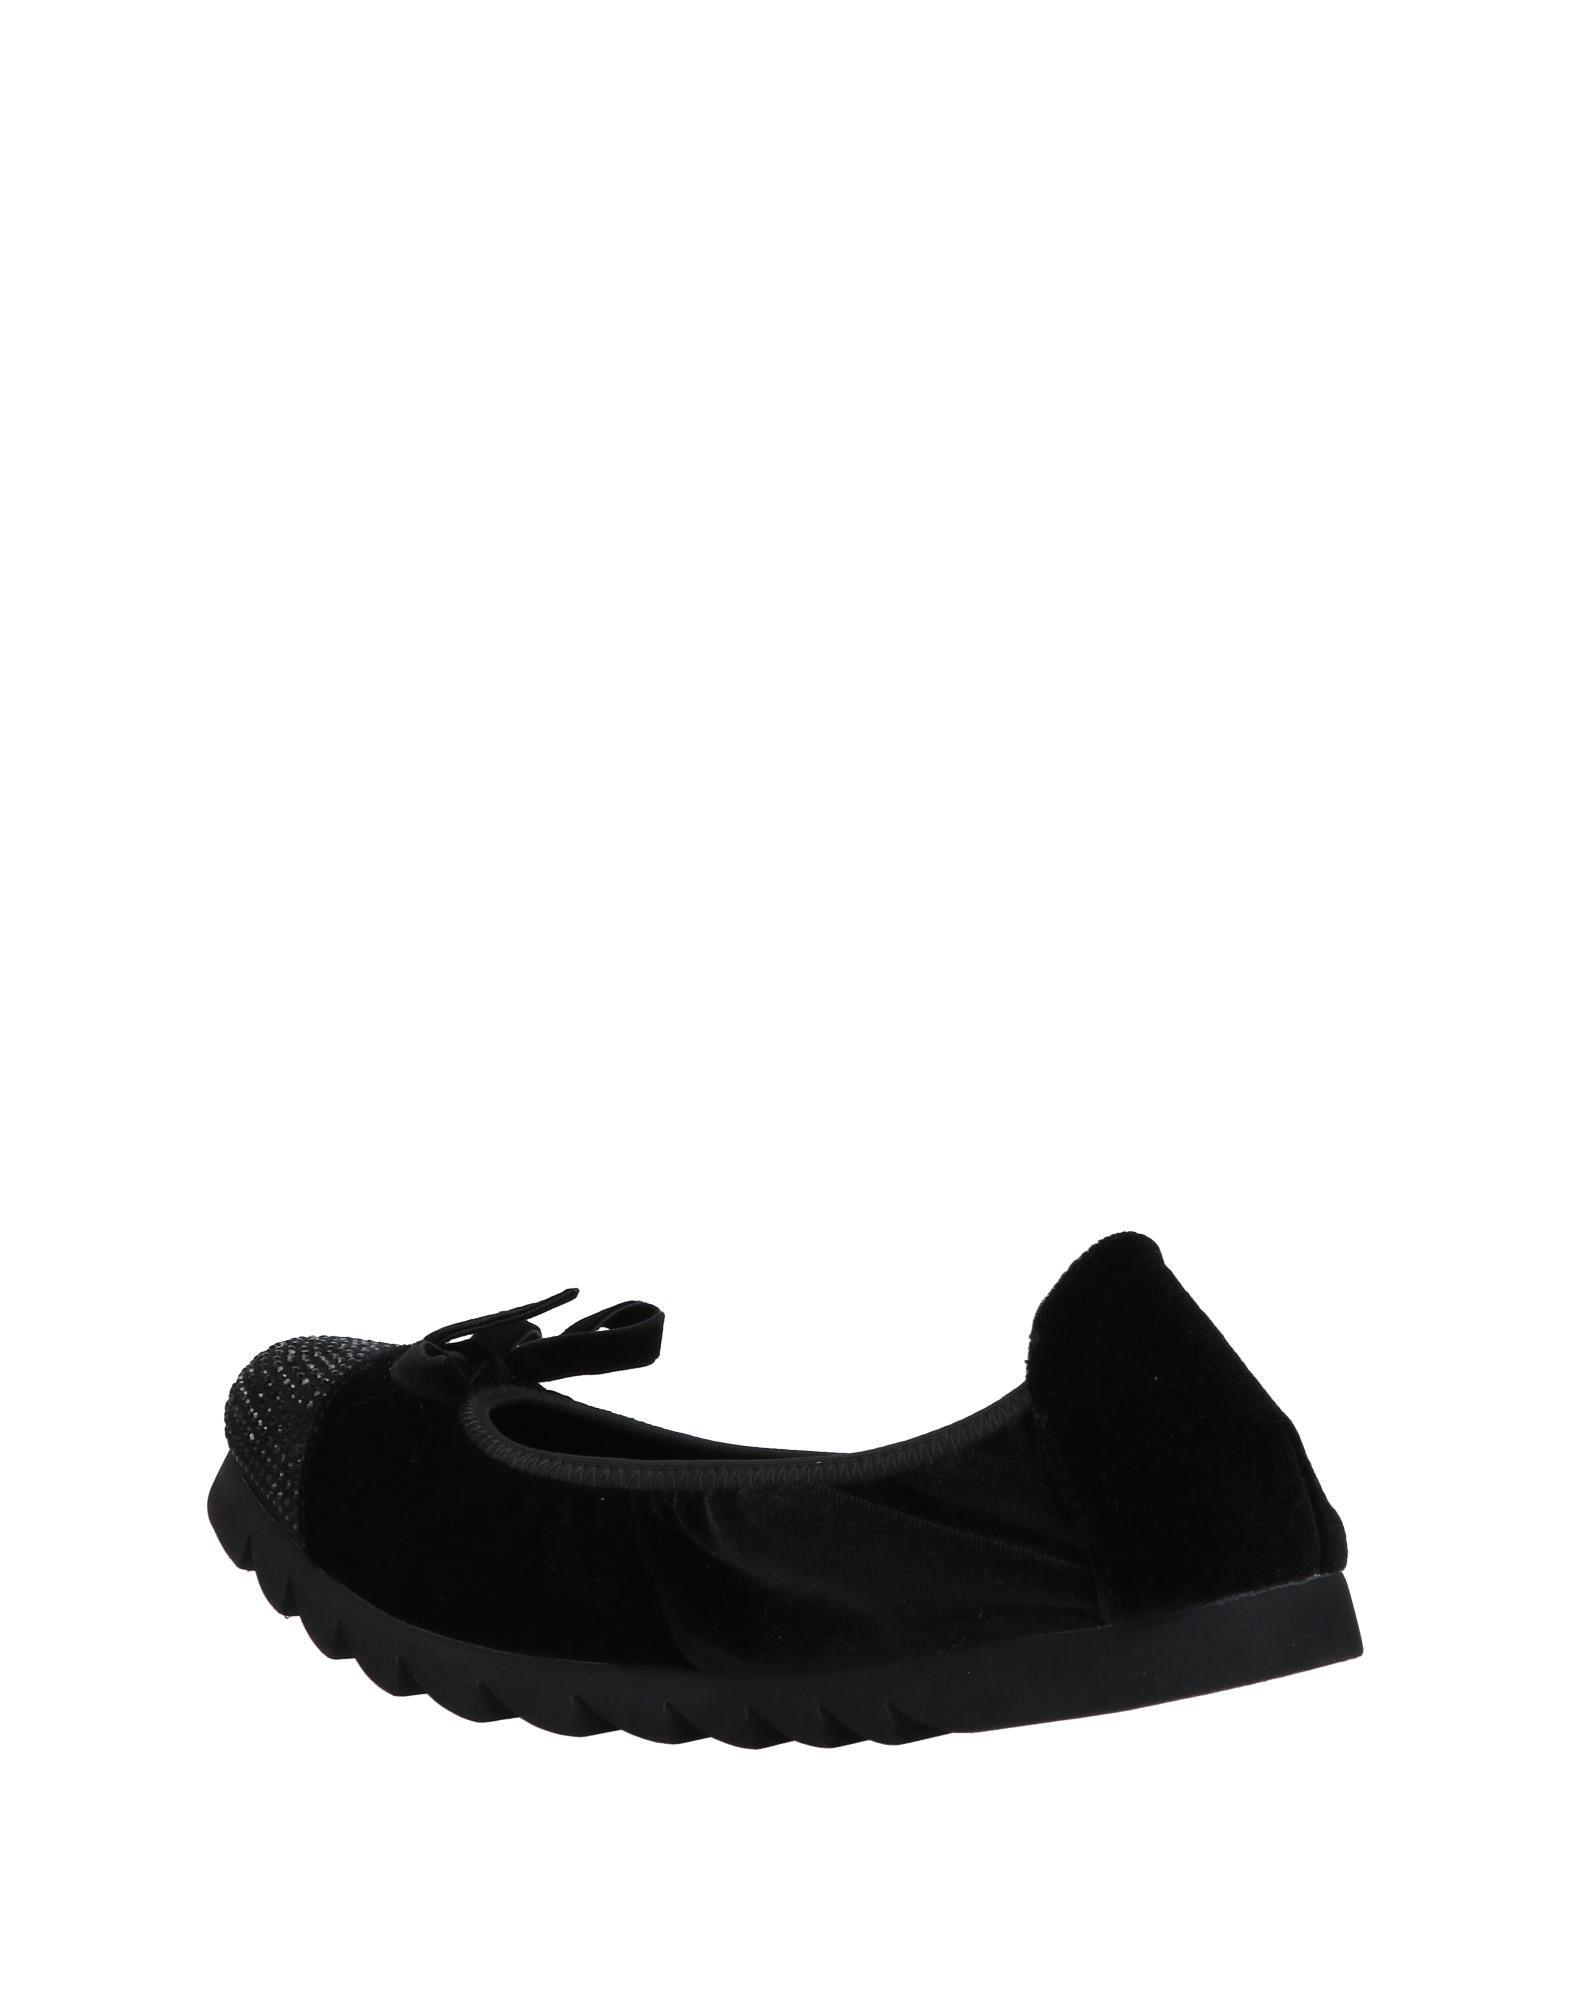 tosca blu chaussures des des chaussures ballerines - femmes tosca blu chaussures chaussons de danse en ligne le royaume - uni 102265